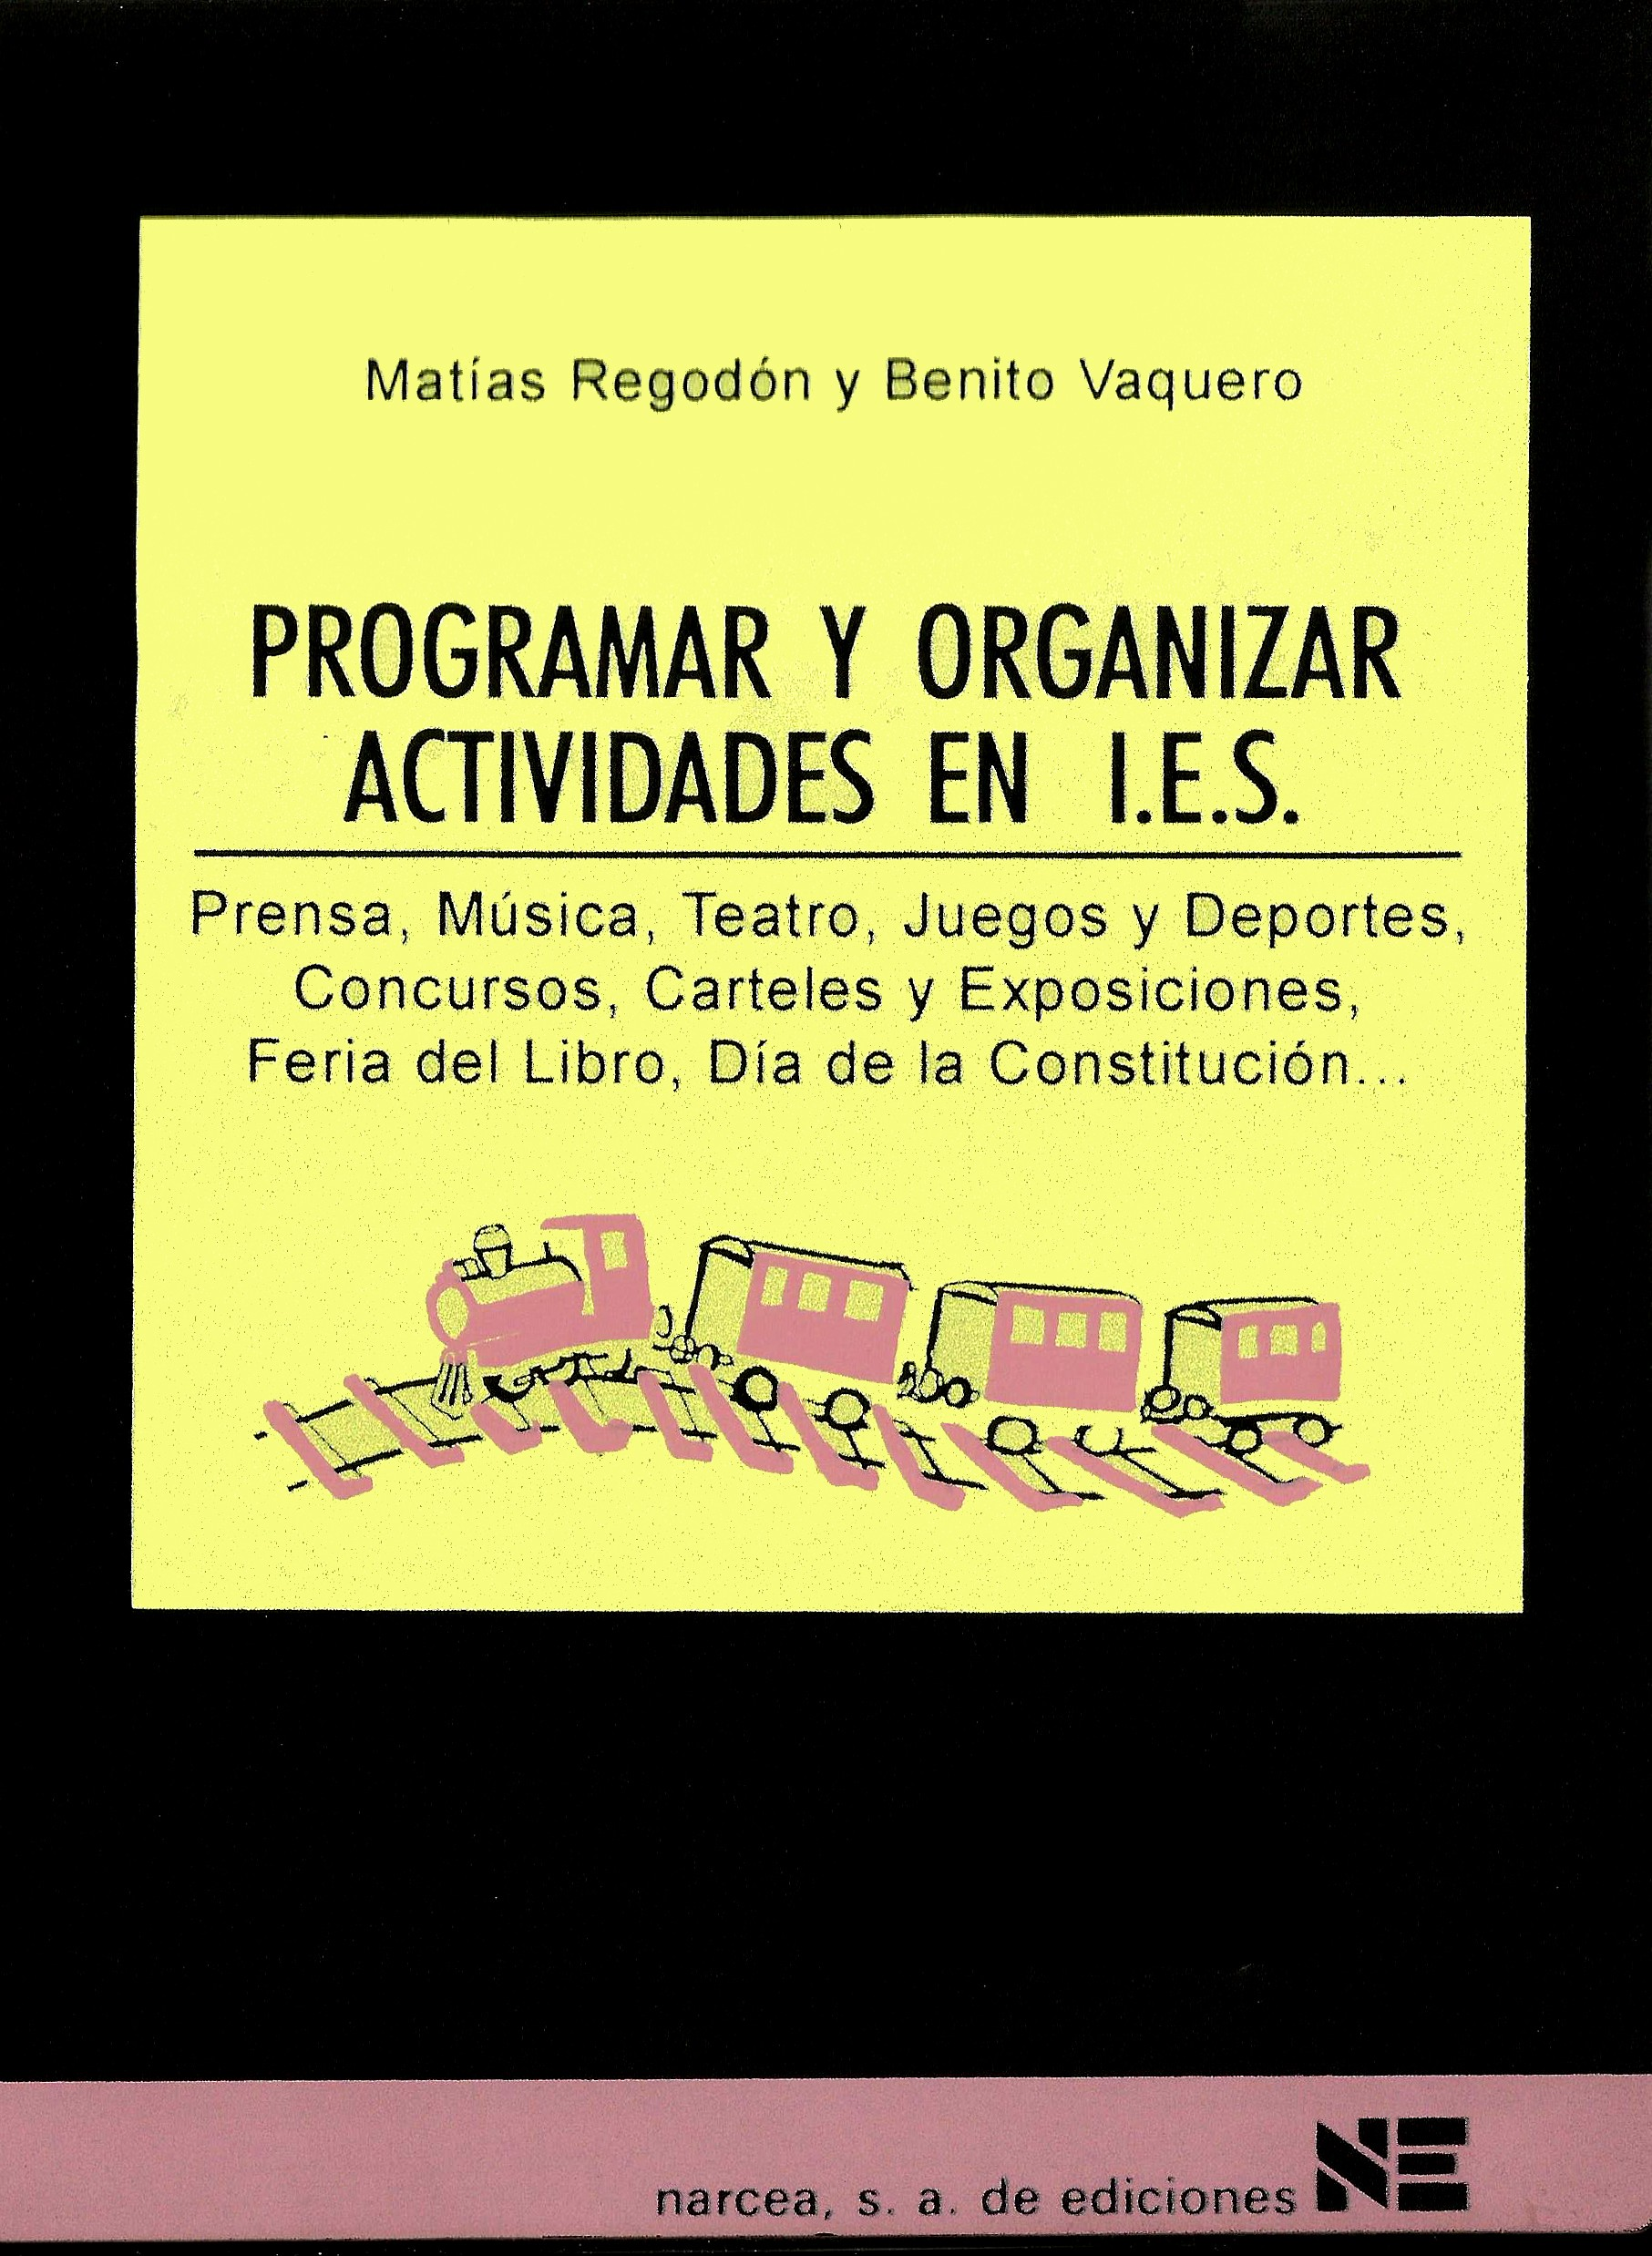 Programar y organizar actividades en IES